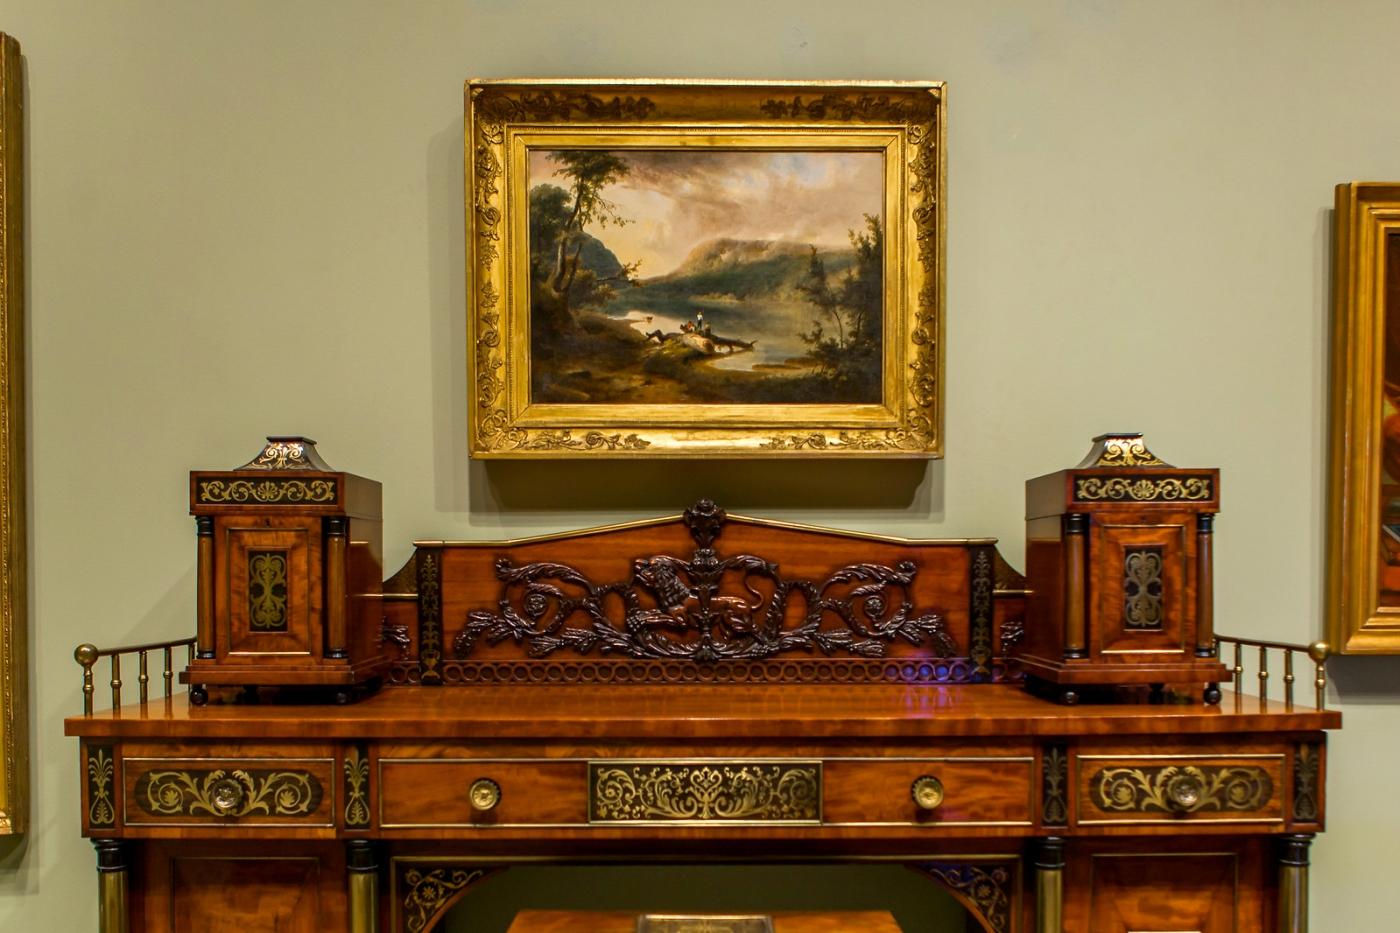 费城艺术博物馆,藏品欣赏_图1-2